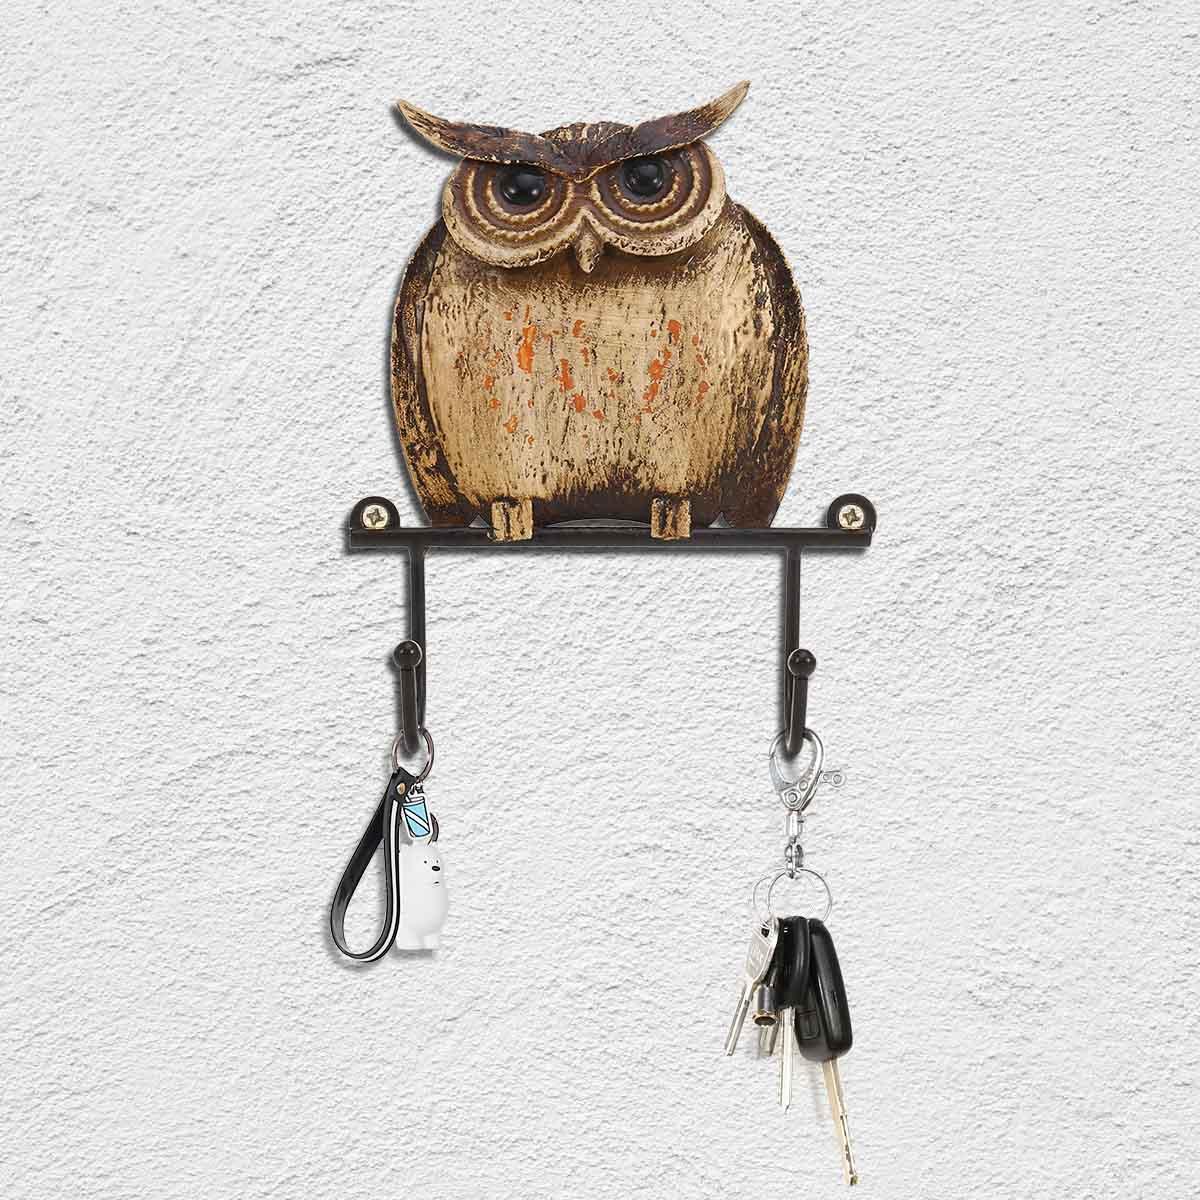 cucina Gancio da parete a forma di gufo soggiorno 3 pezzi carino gancio da parete portatile in ferro artistico gancio da appendere per decorazione domestica da applicare per bagno